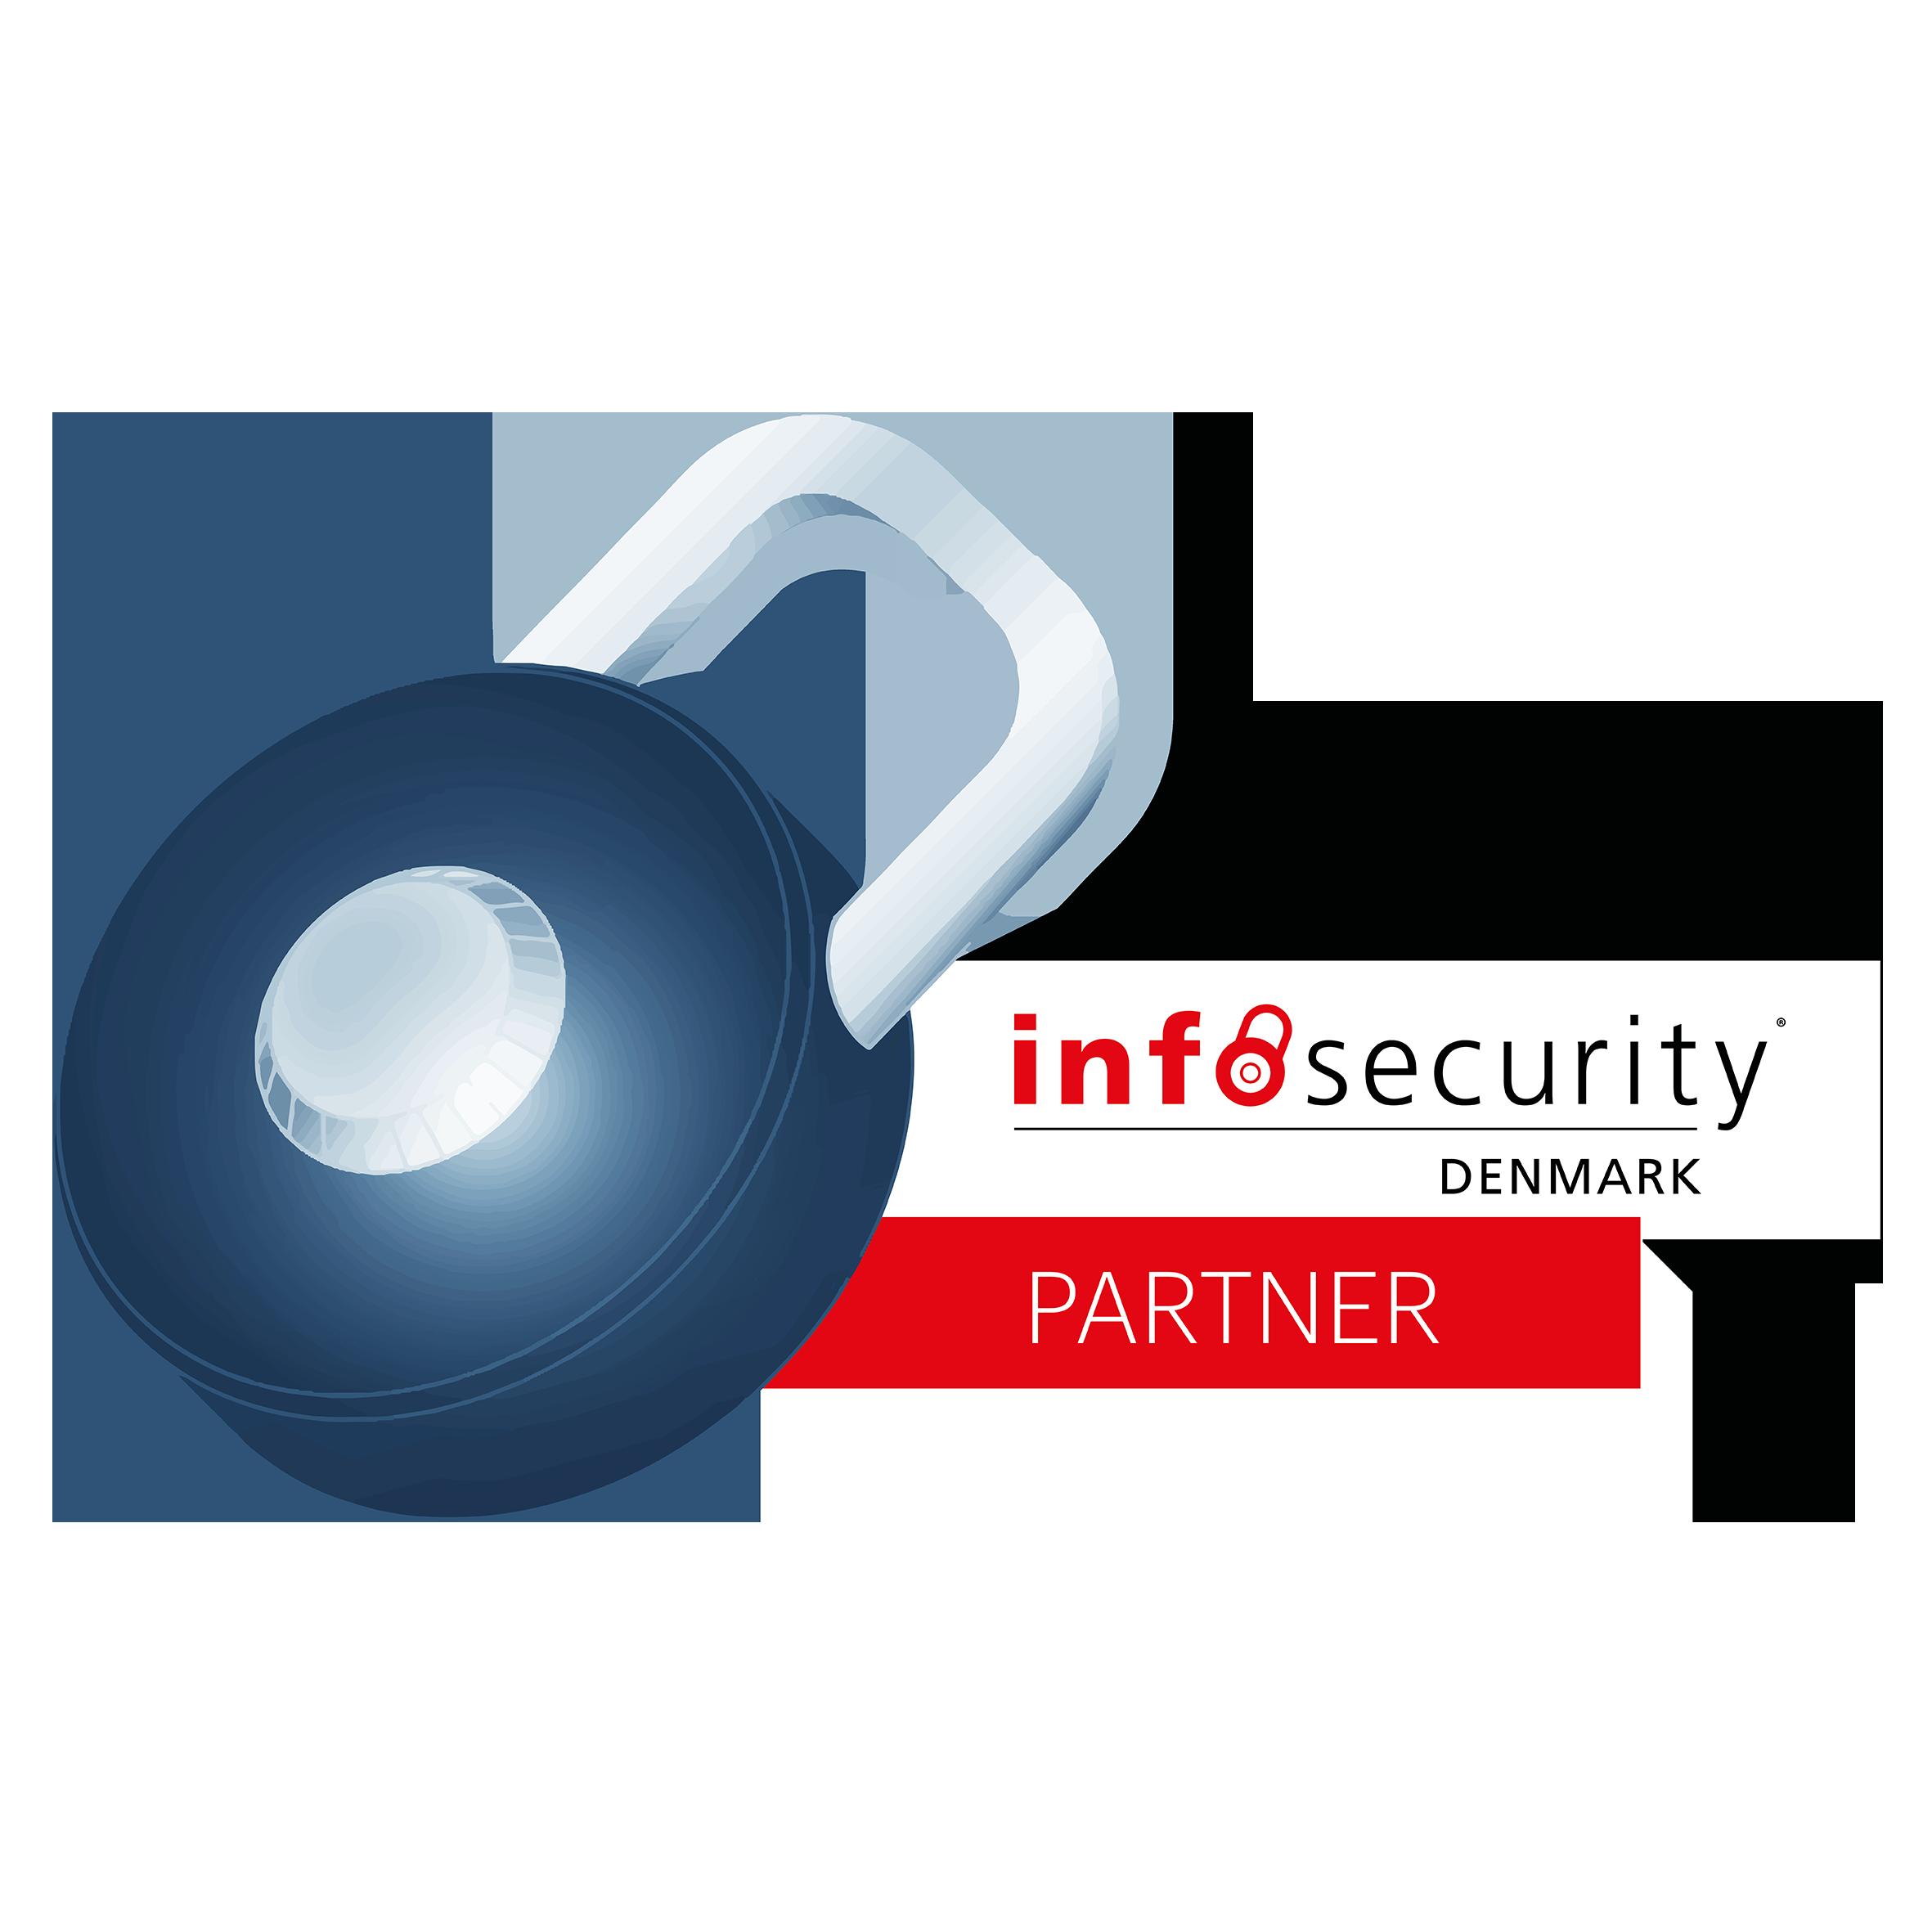 Inforsecurity Denmark 2019 Partner Logo